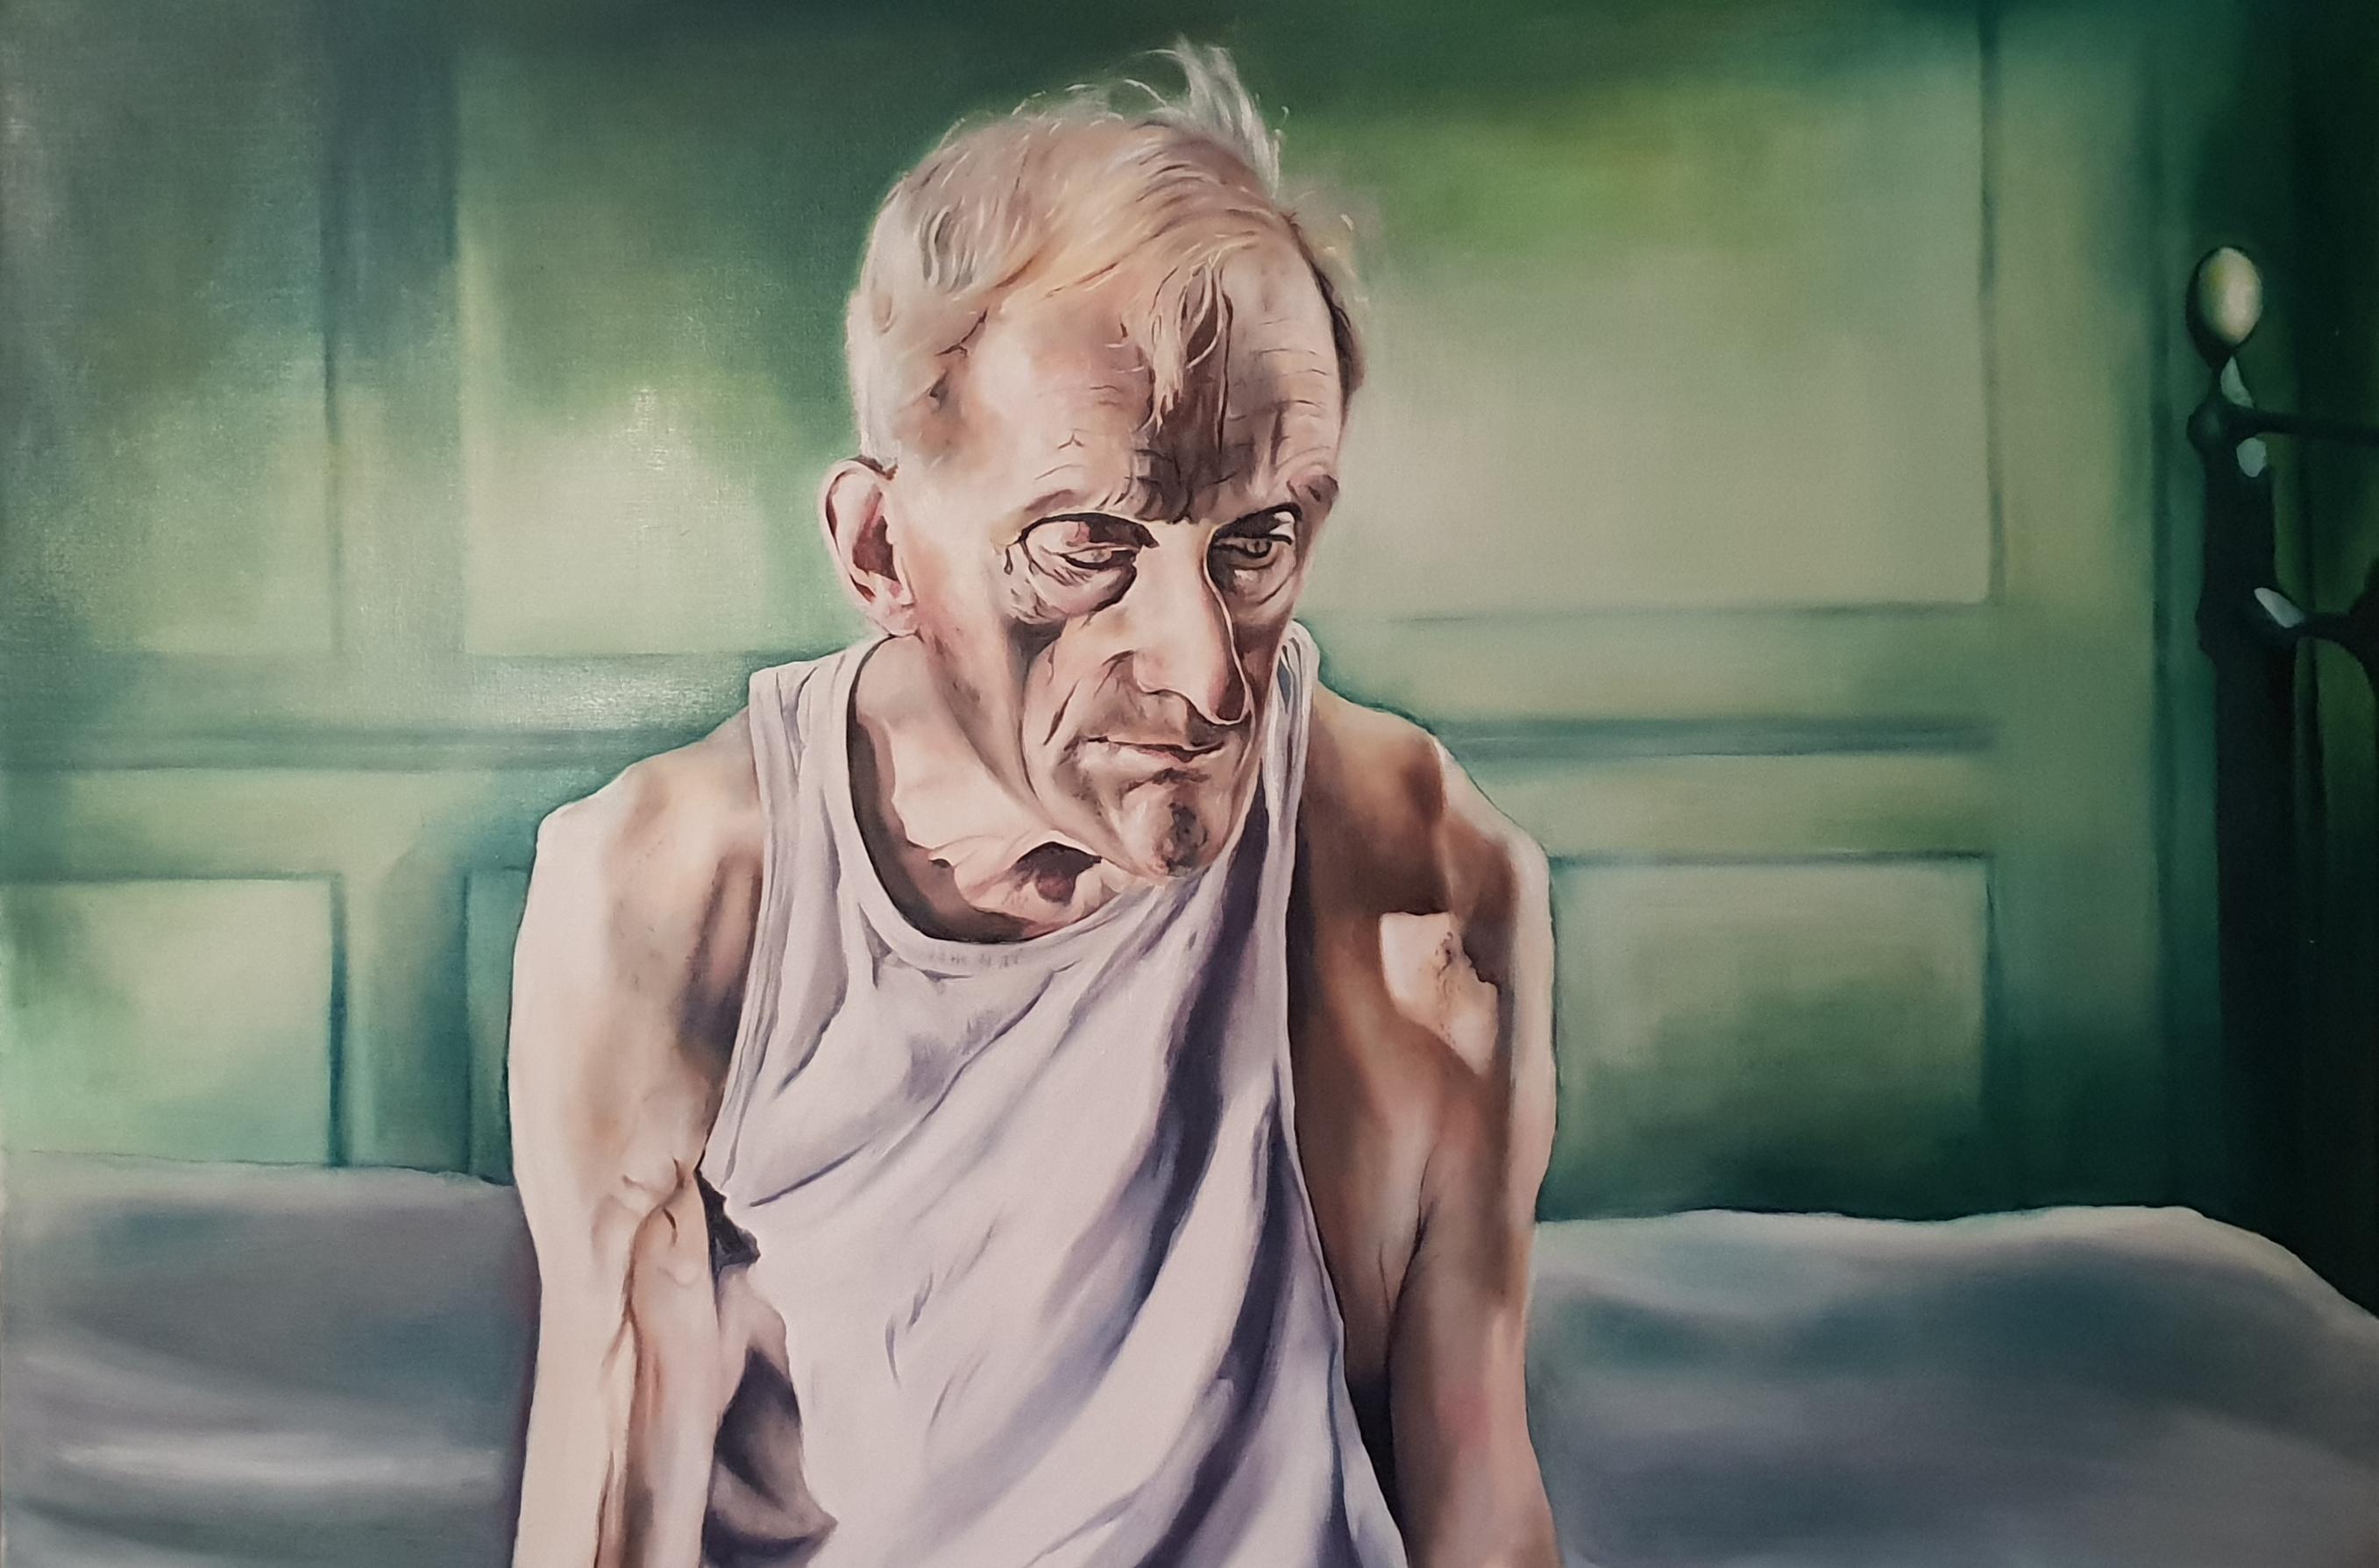 Painter and illustrator Maja Beattie